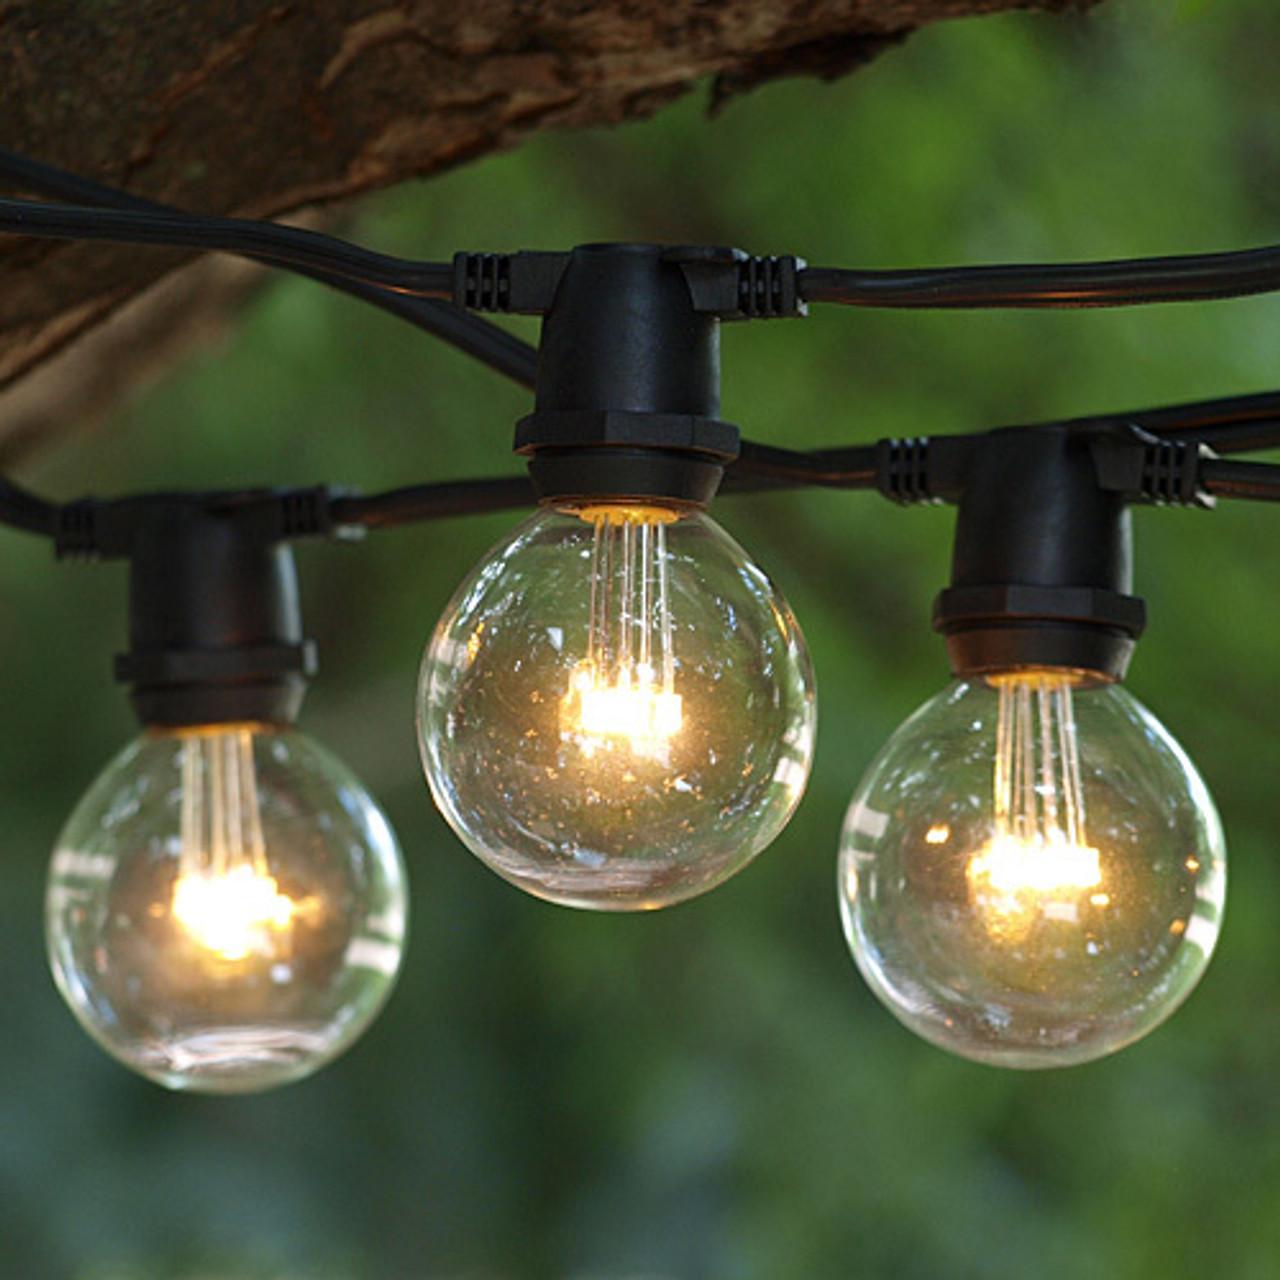 Commercial C9 LED String Lights